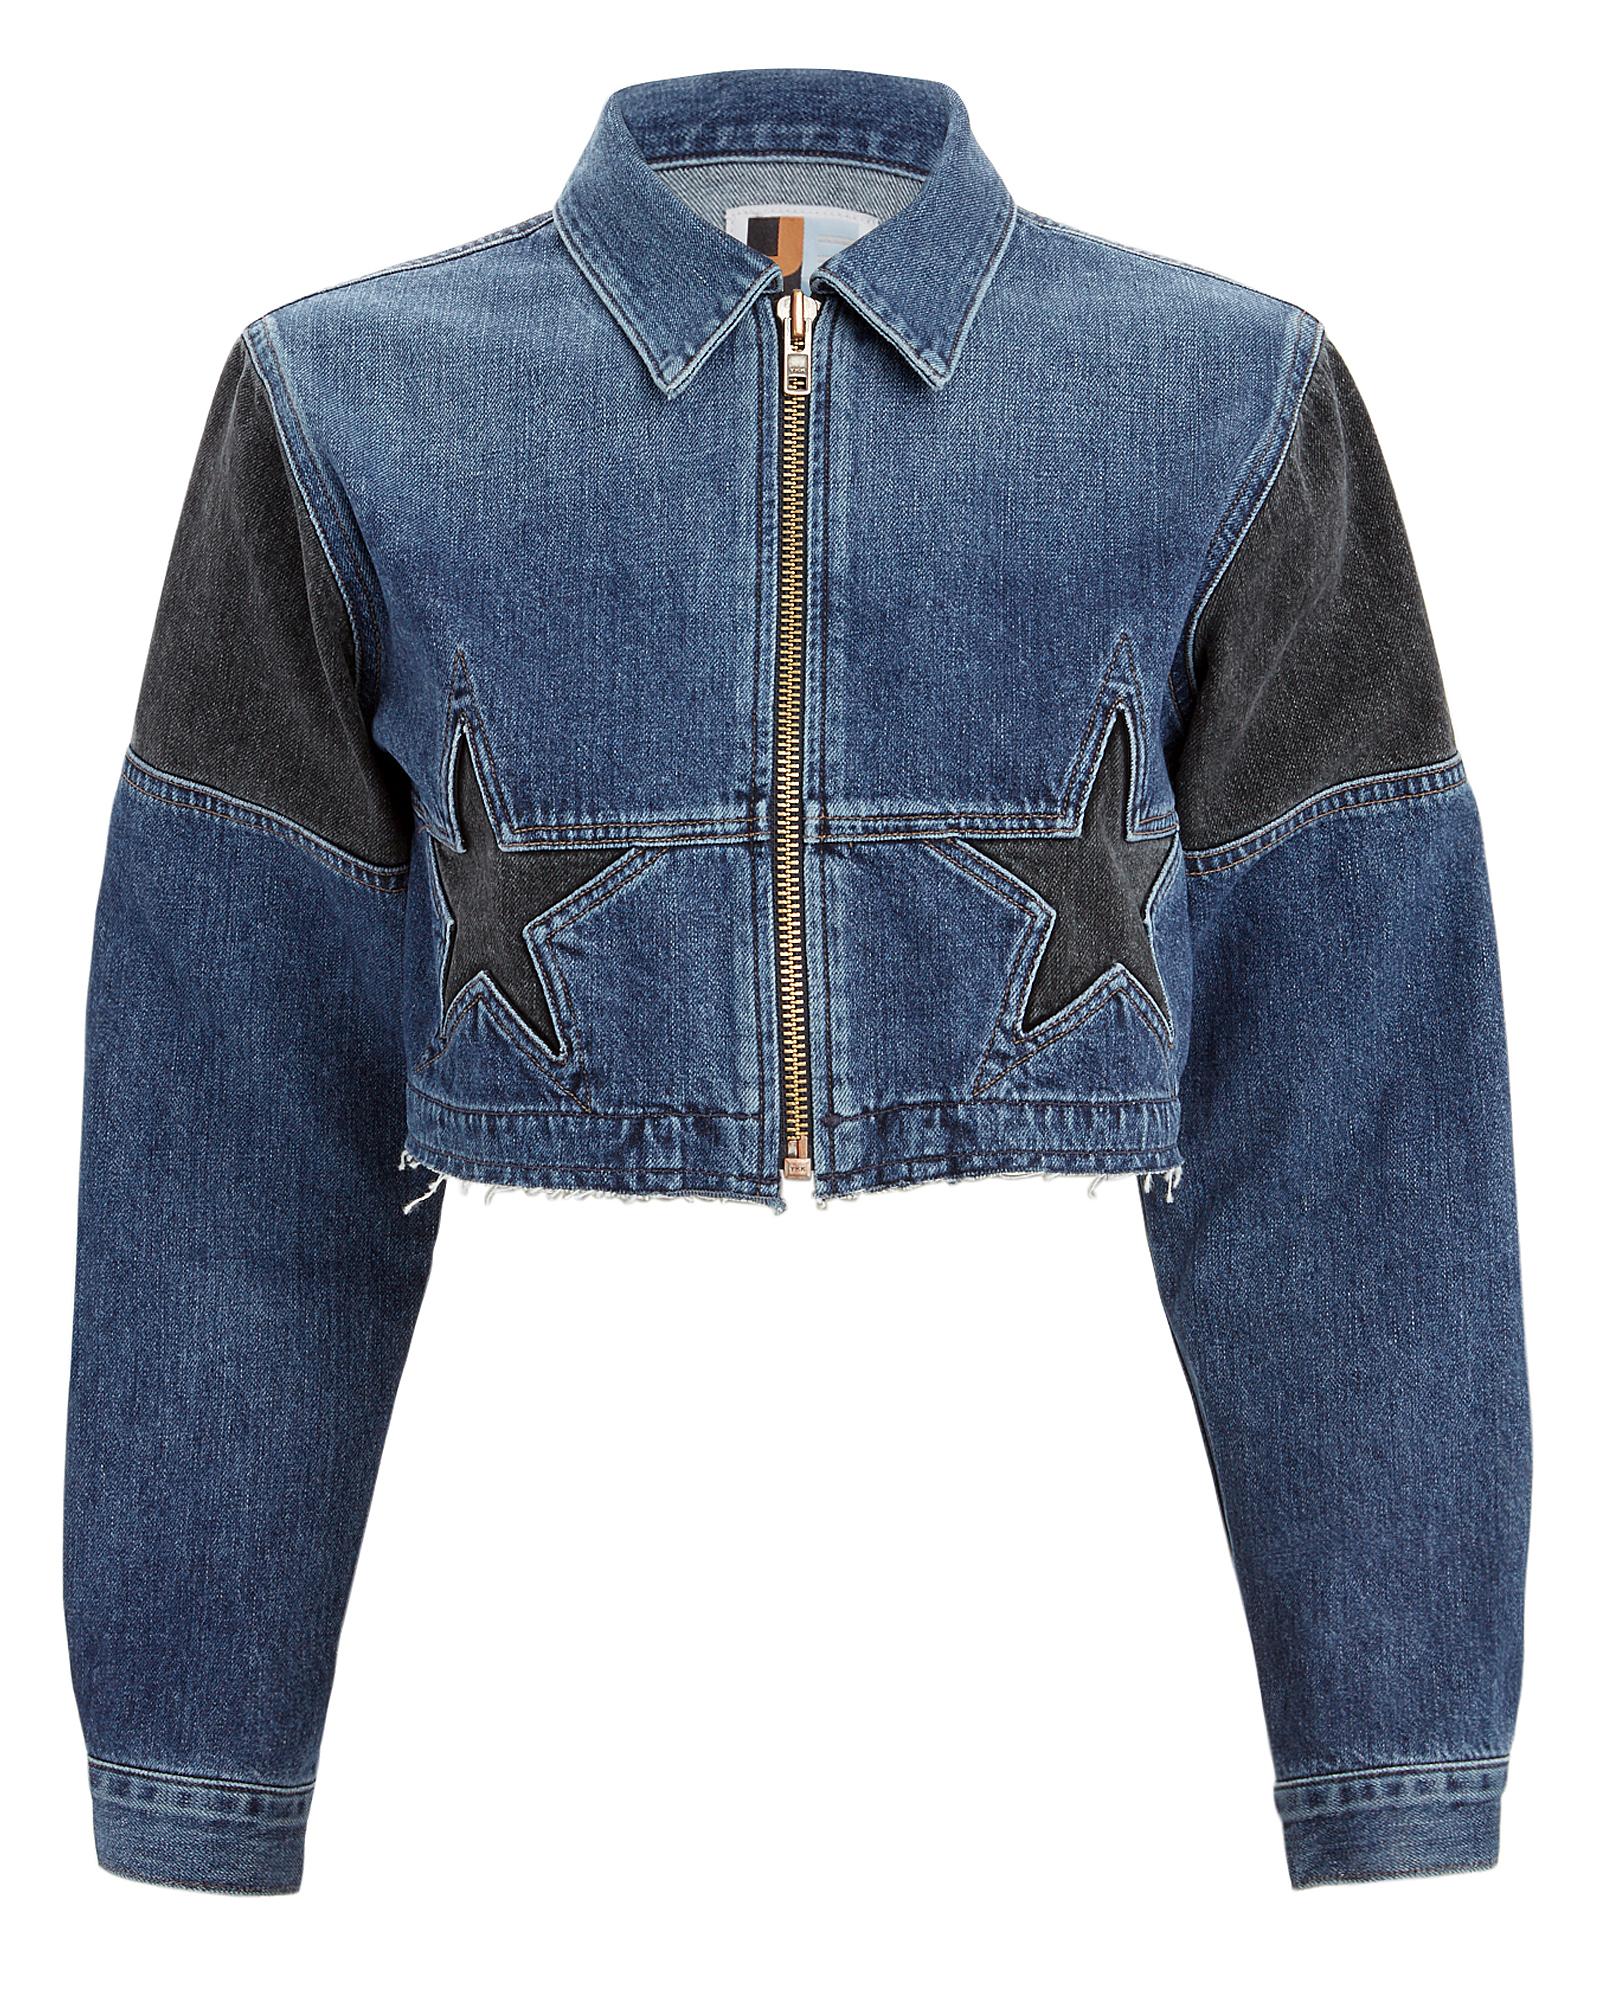 JEAN ATELIER Toni Croed Denim Jacket Blue/Black Denim in Stellar